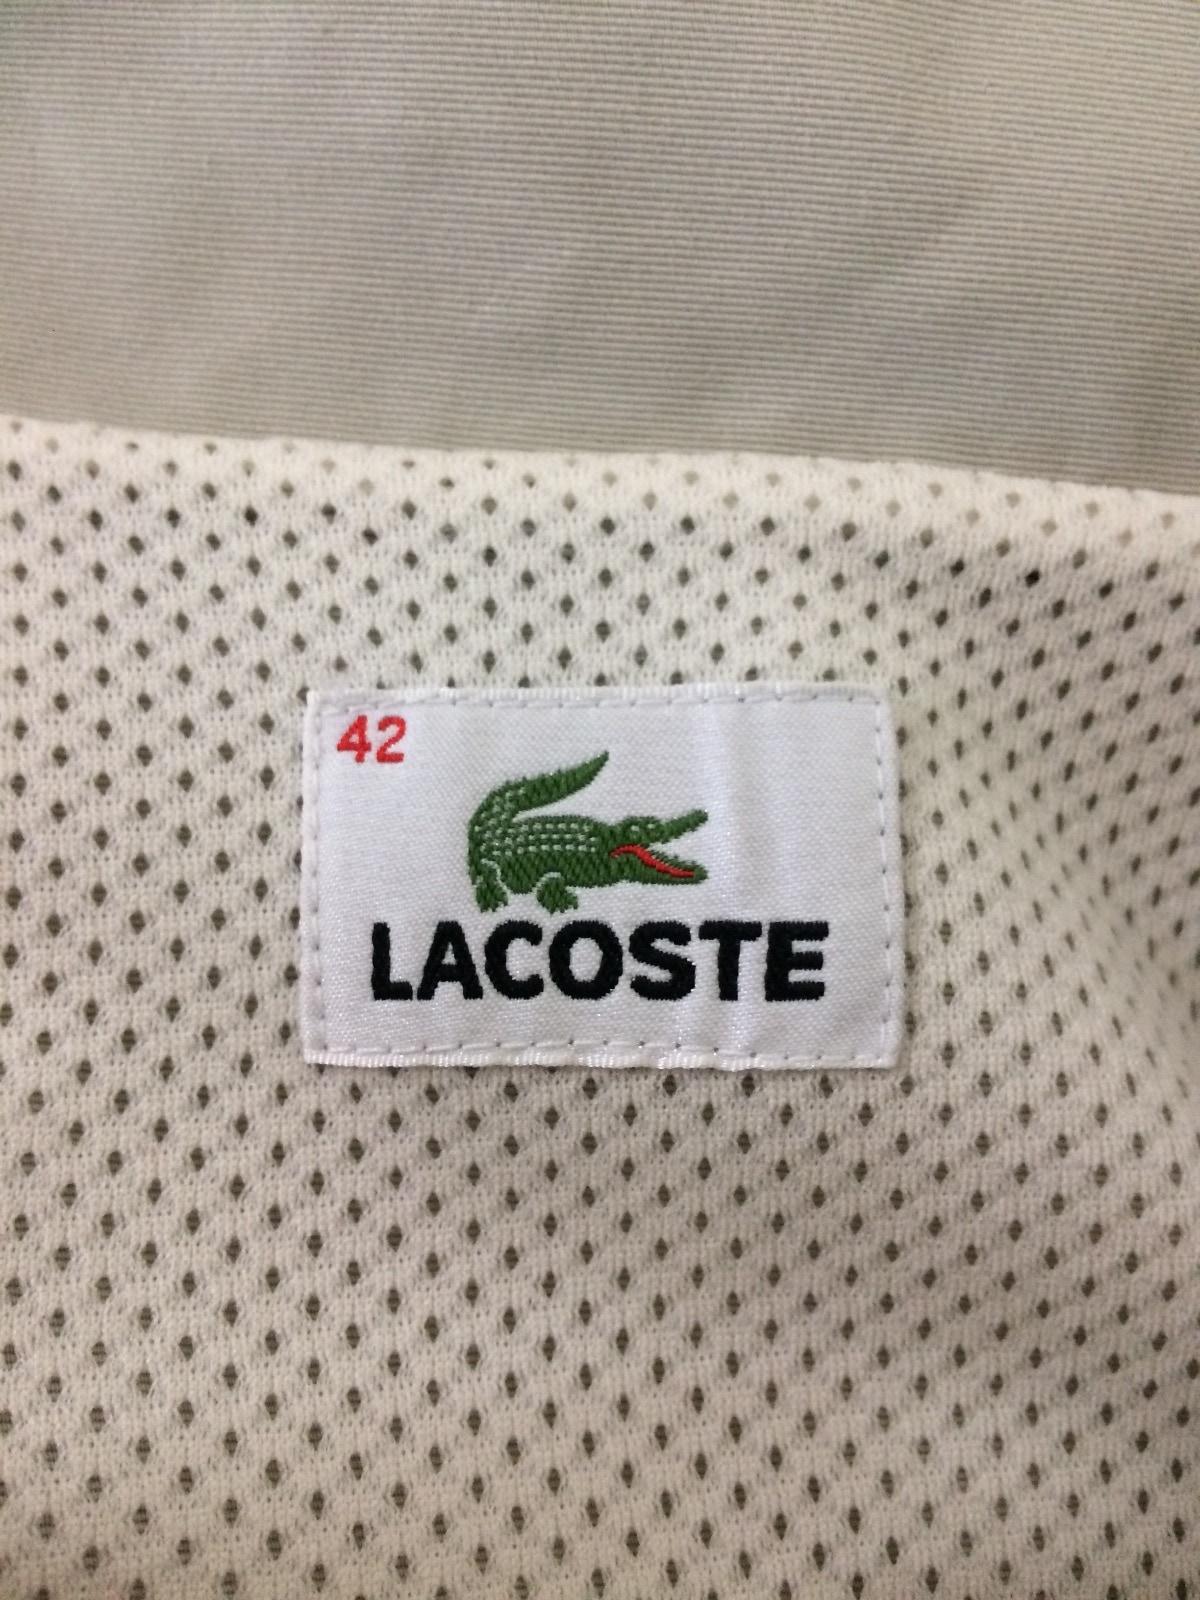 Lacoste(ラコステ)のベスト